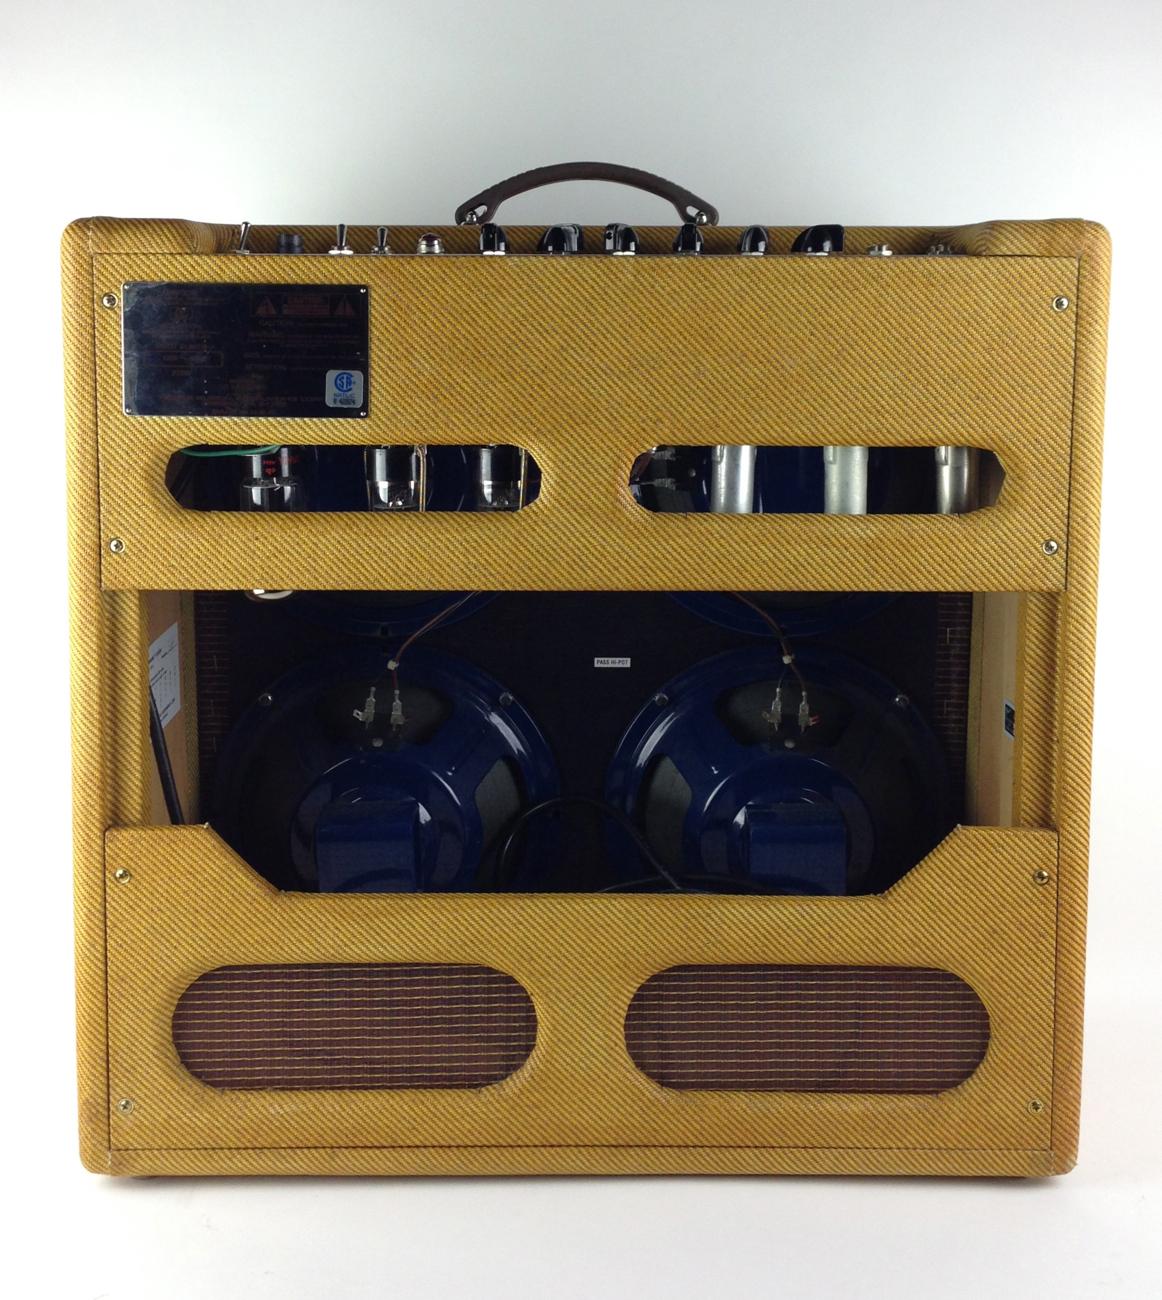 fender 39 59 bassman reissue 2000 39 s tweed amp for sale thunder road guitars. Black Bedroom Furniture Sets. Home Design Ideas